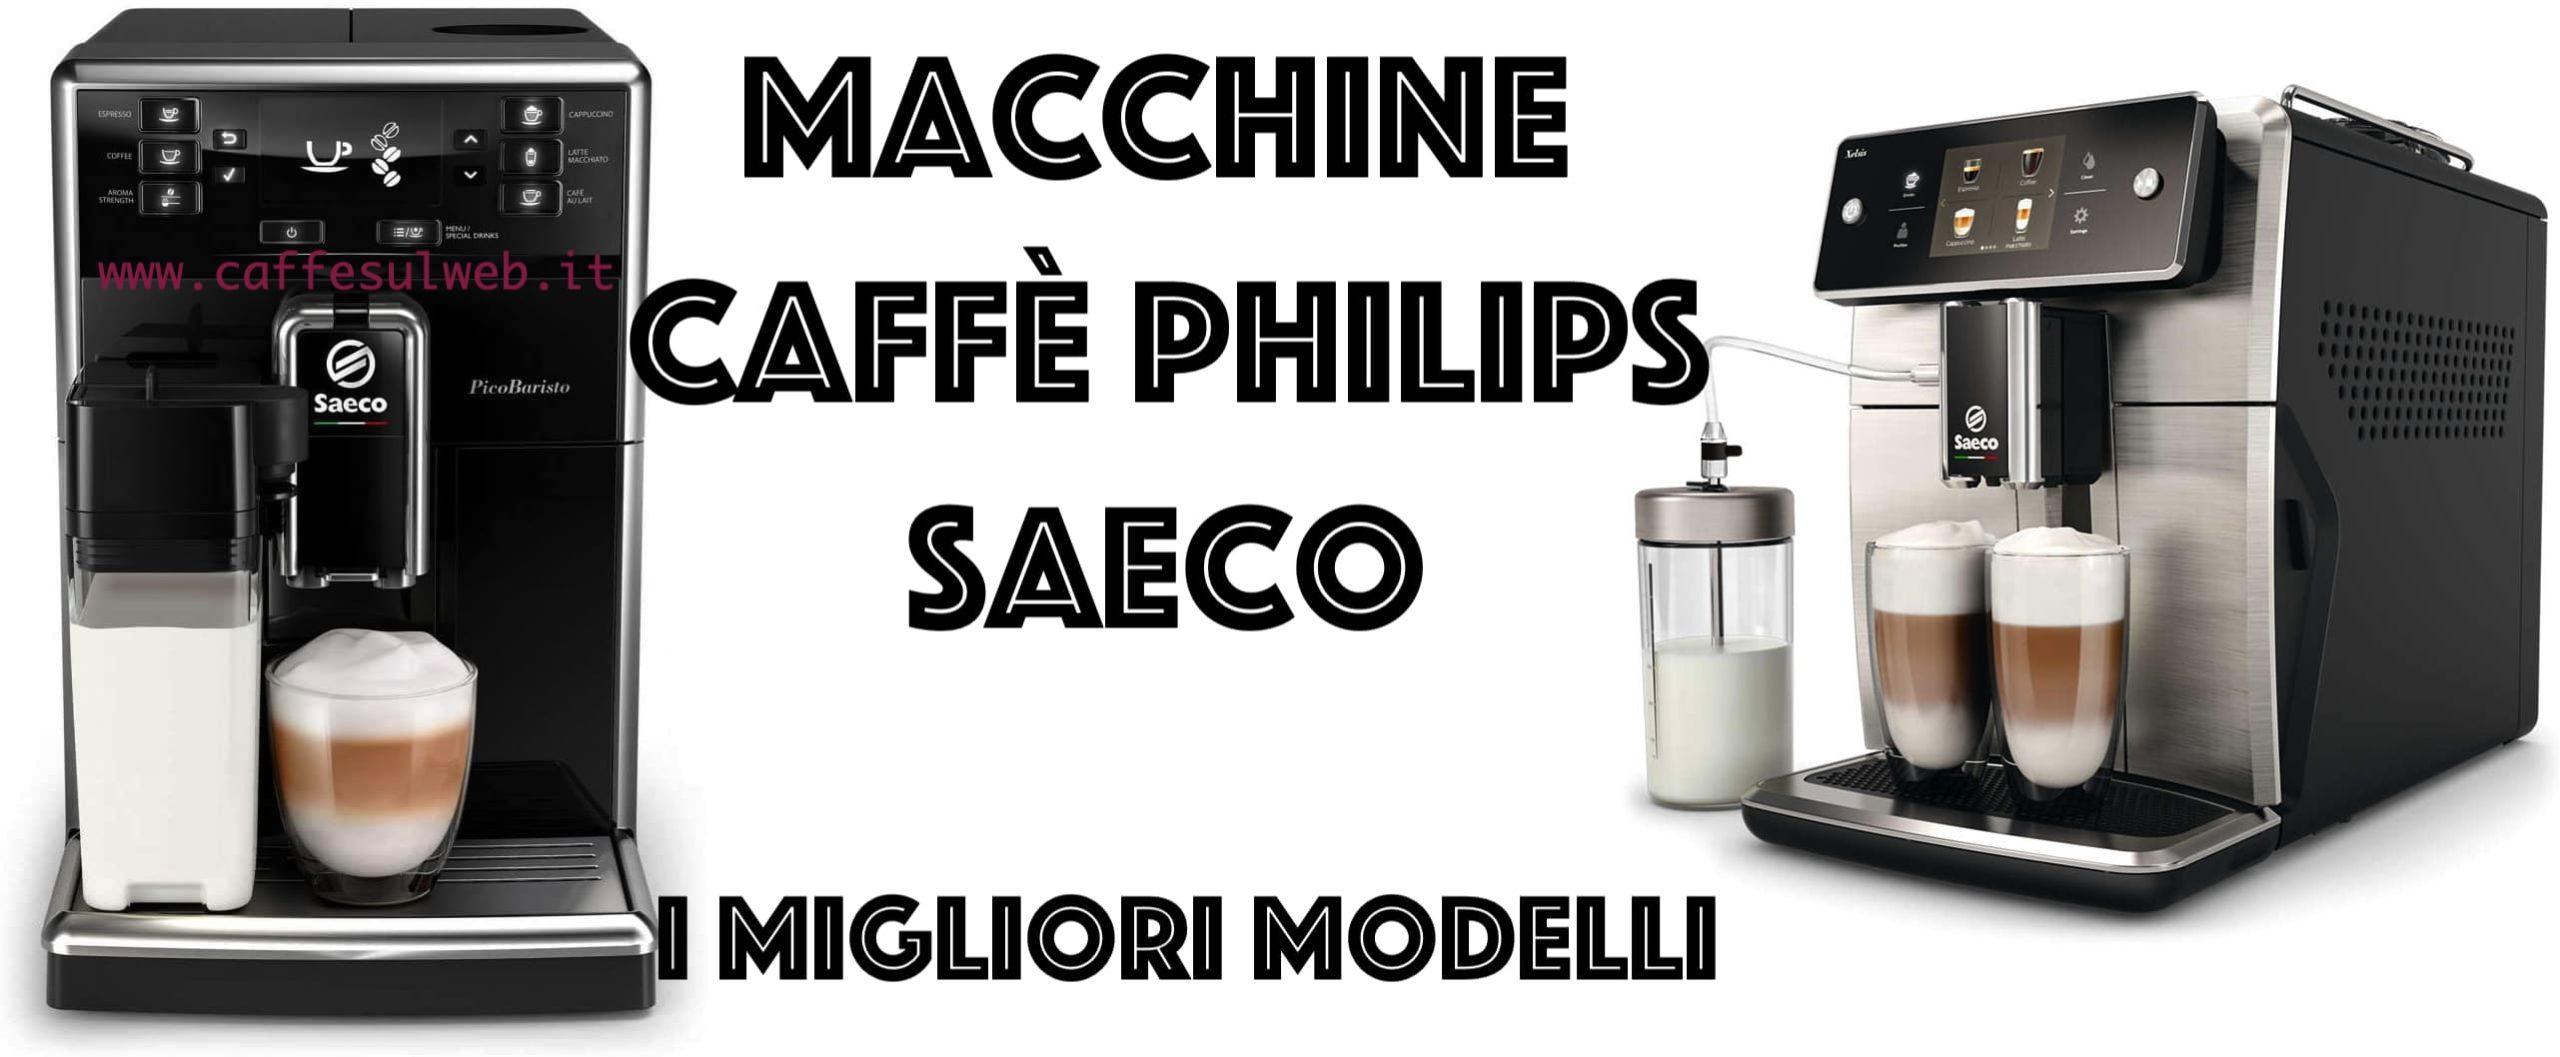 Philips Saeco Migliori Modelli Recensione Opinioni Acquisto